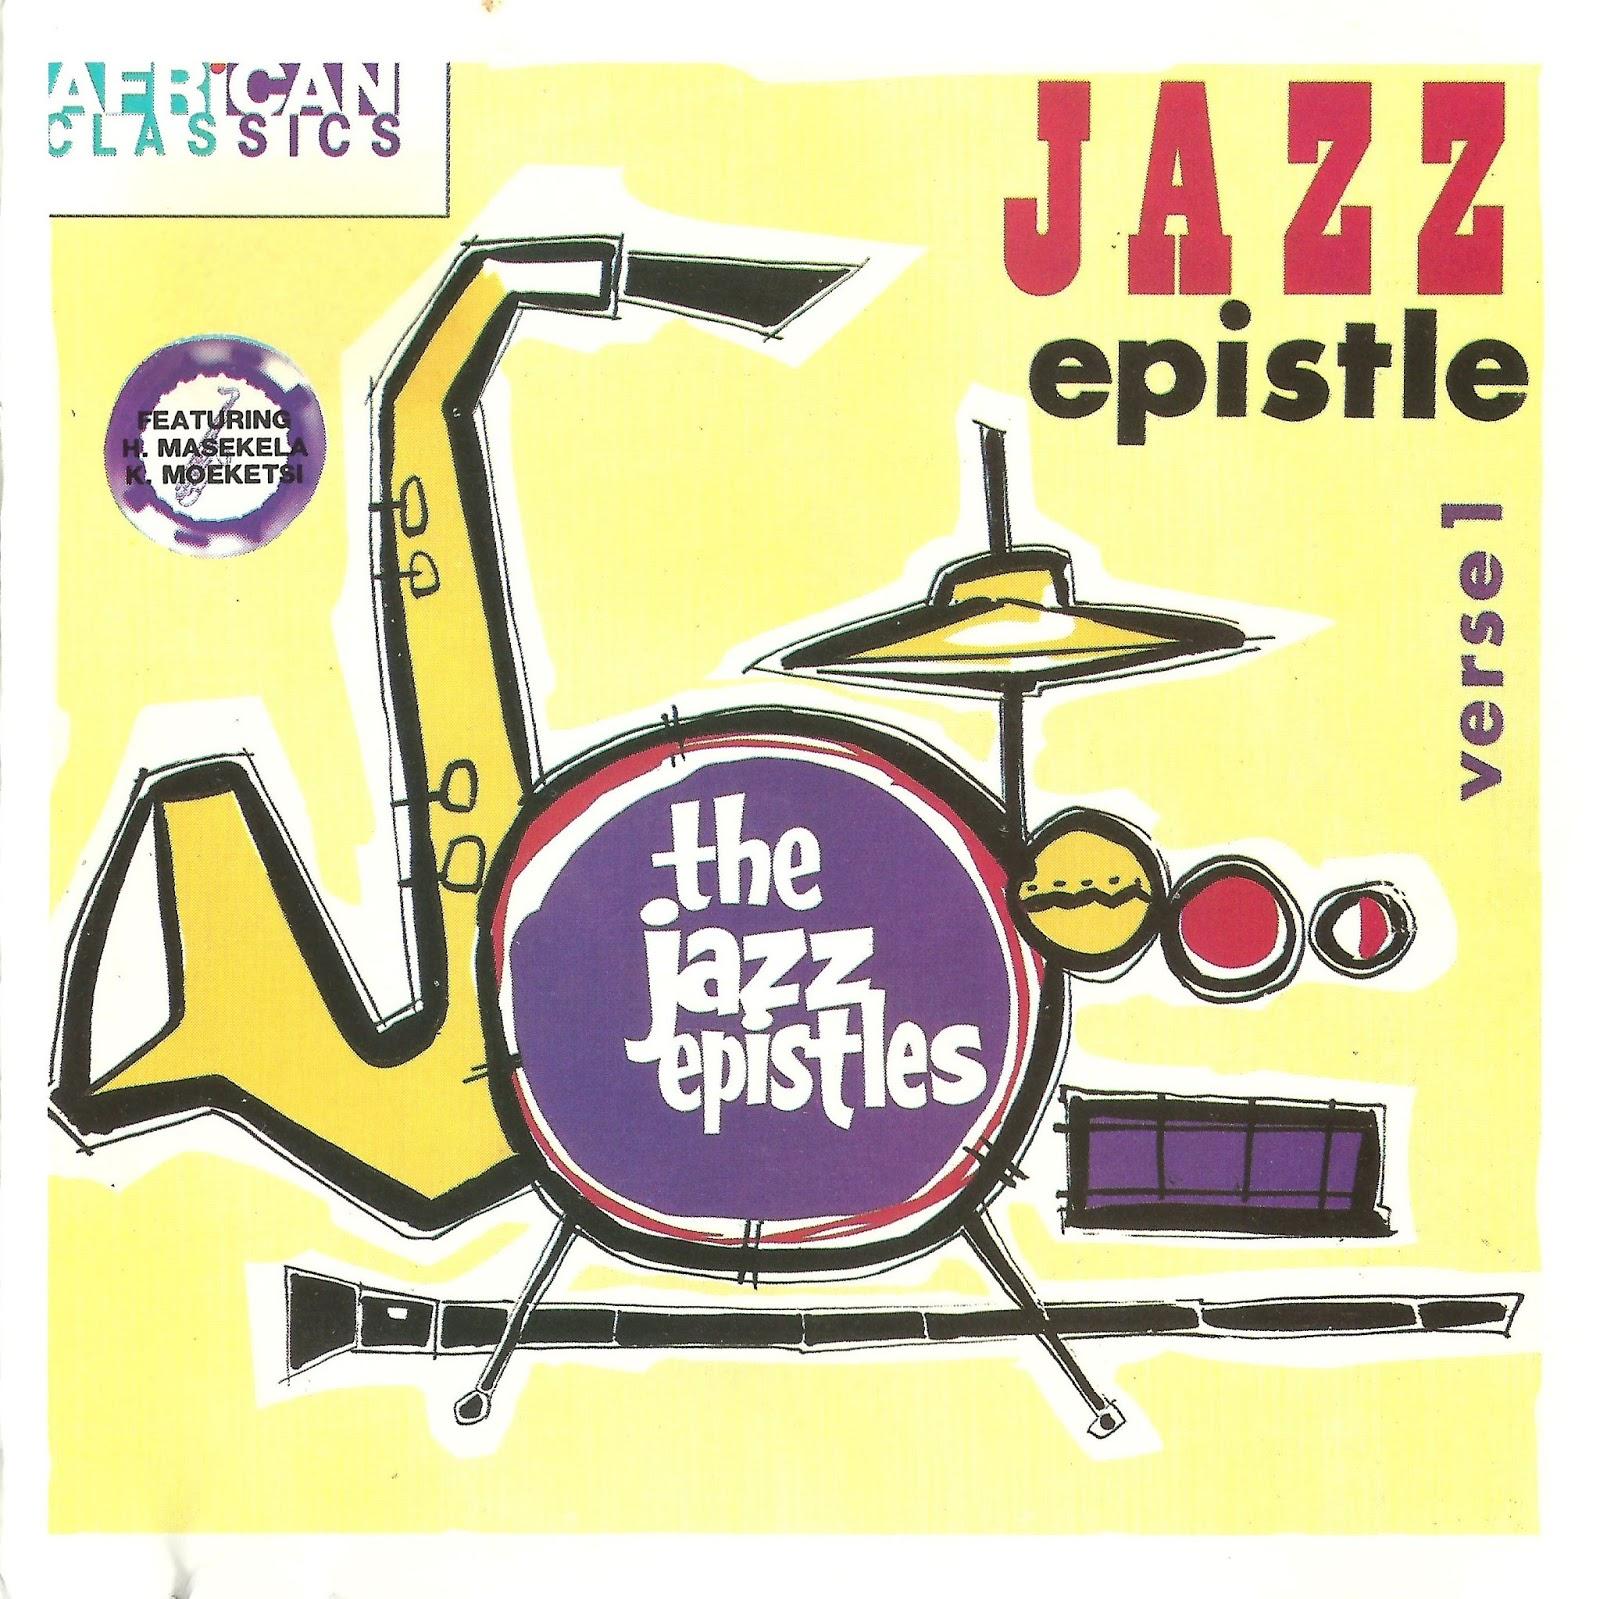 le jazz hot julie andrews free download